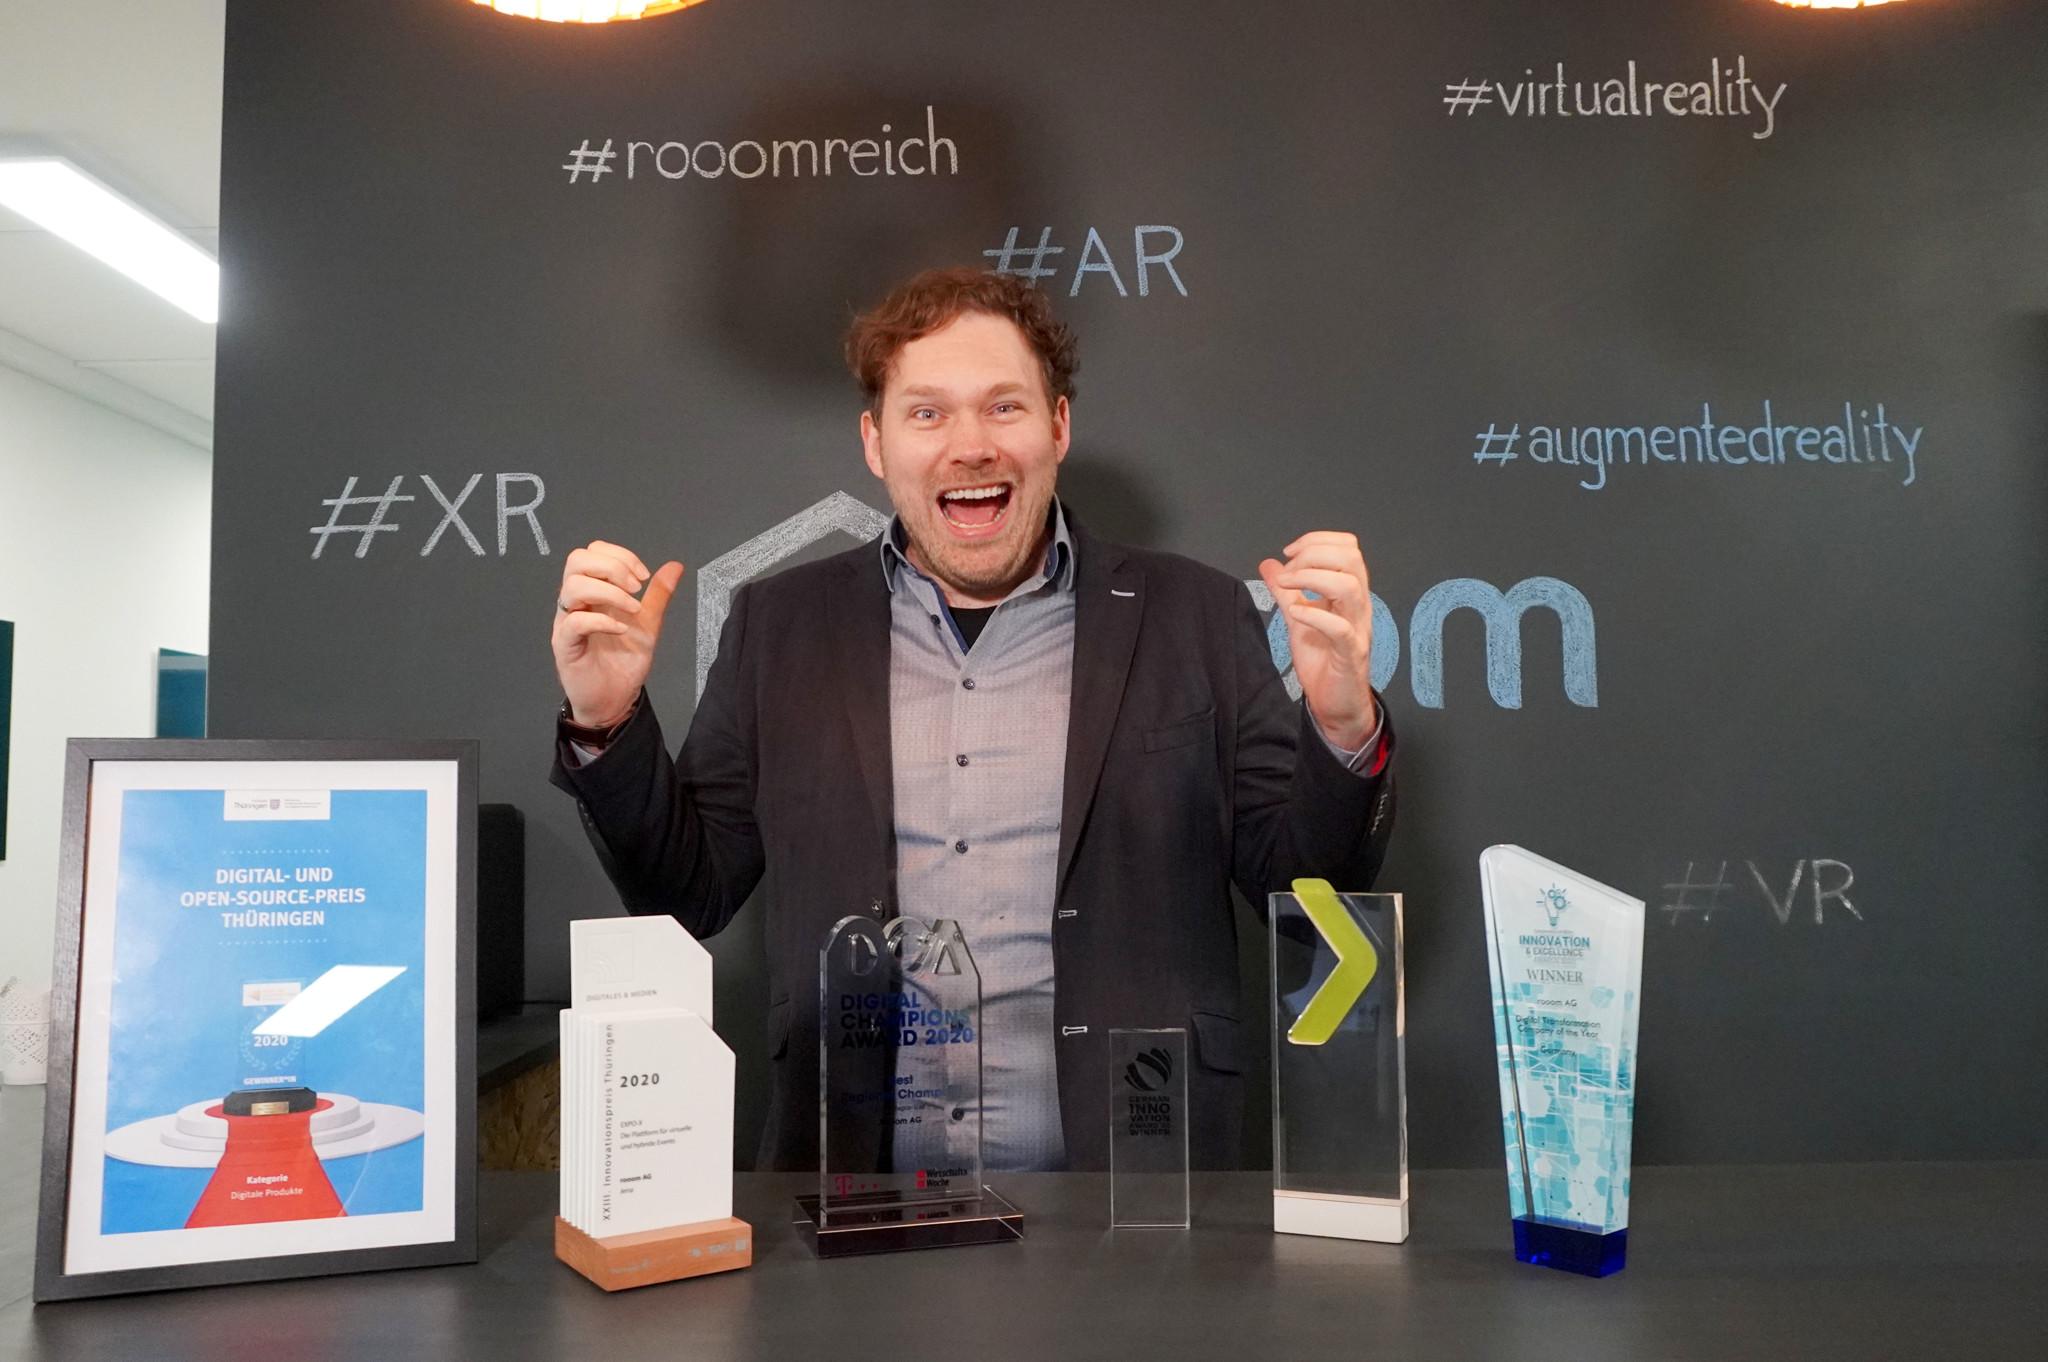 Hans Estner with awards